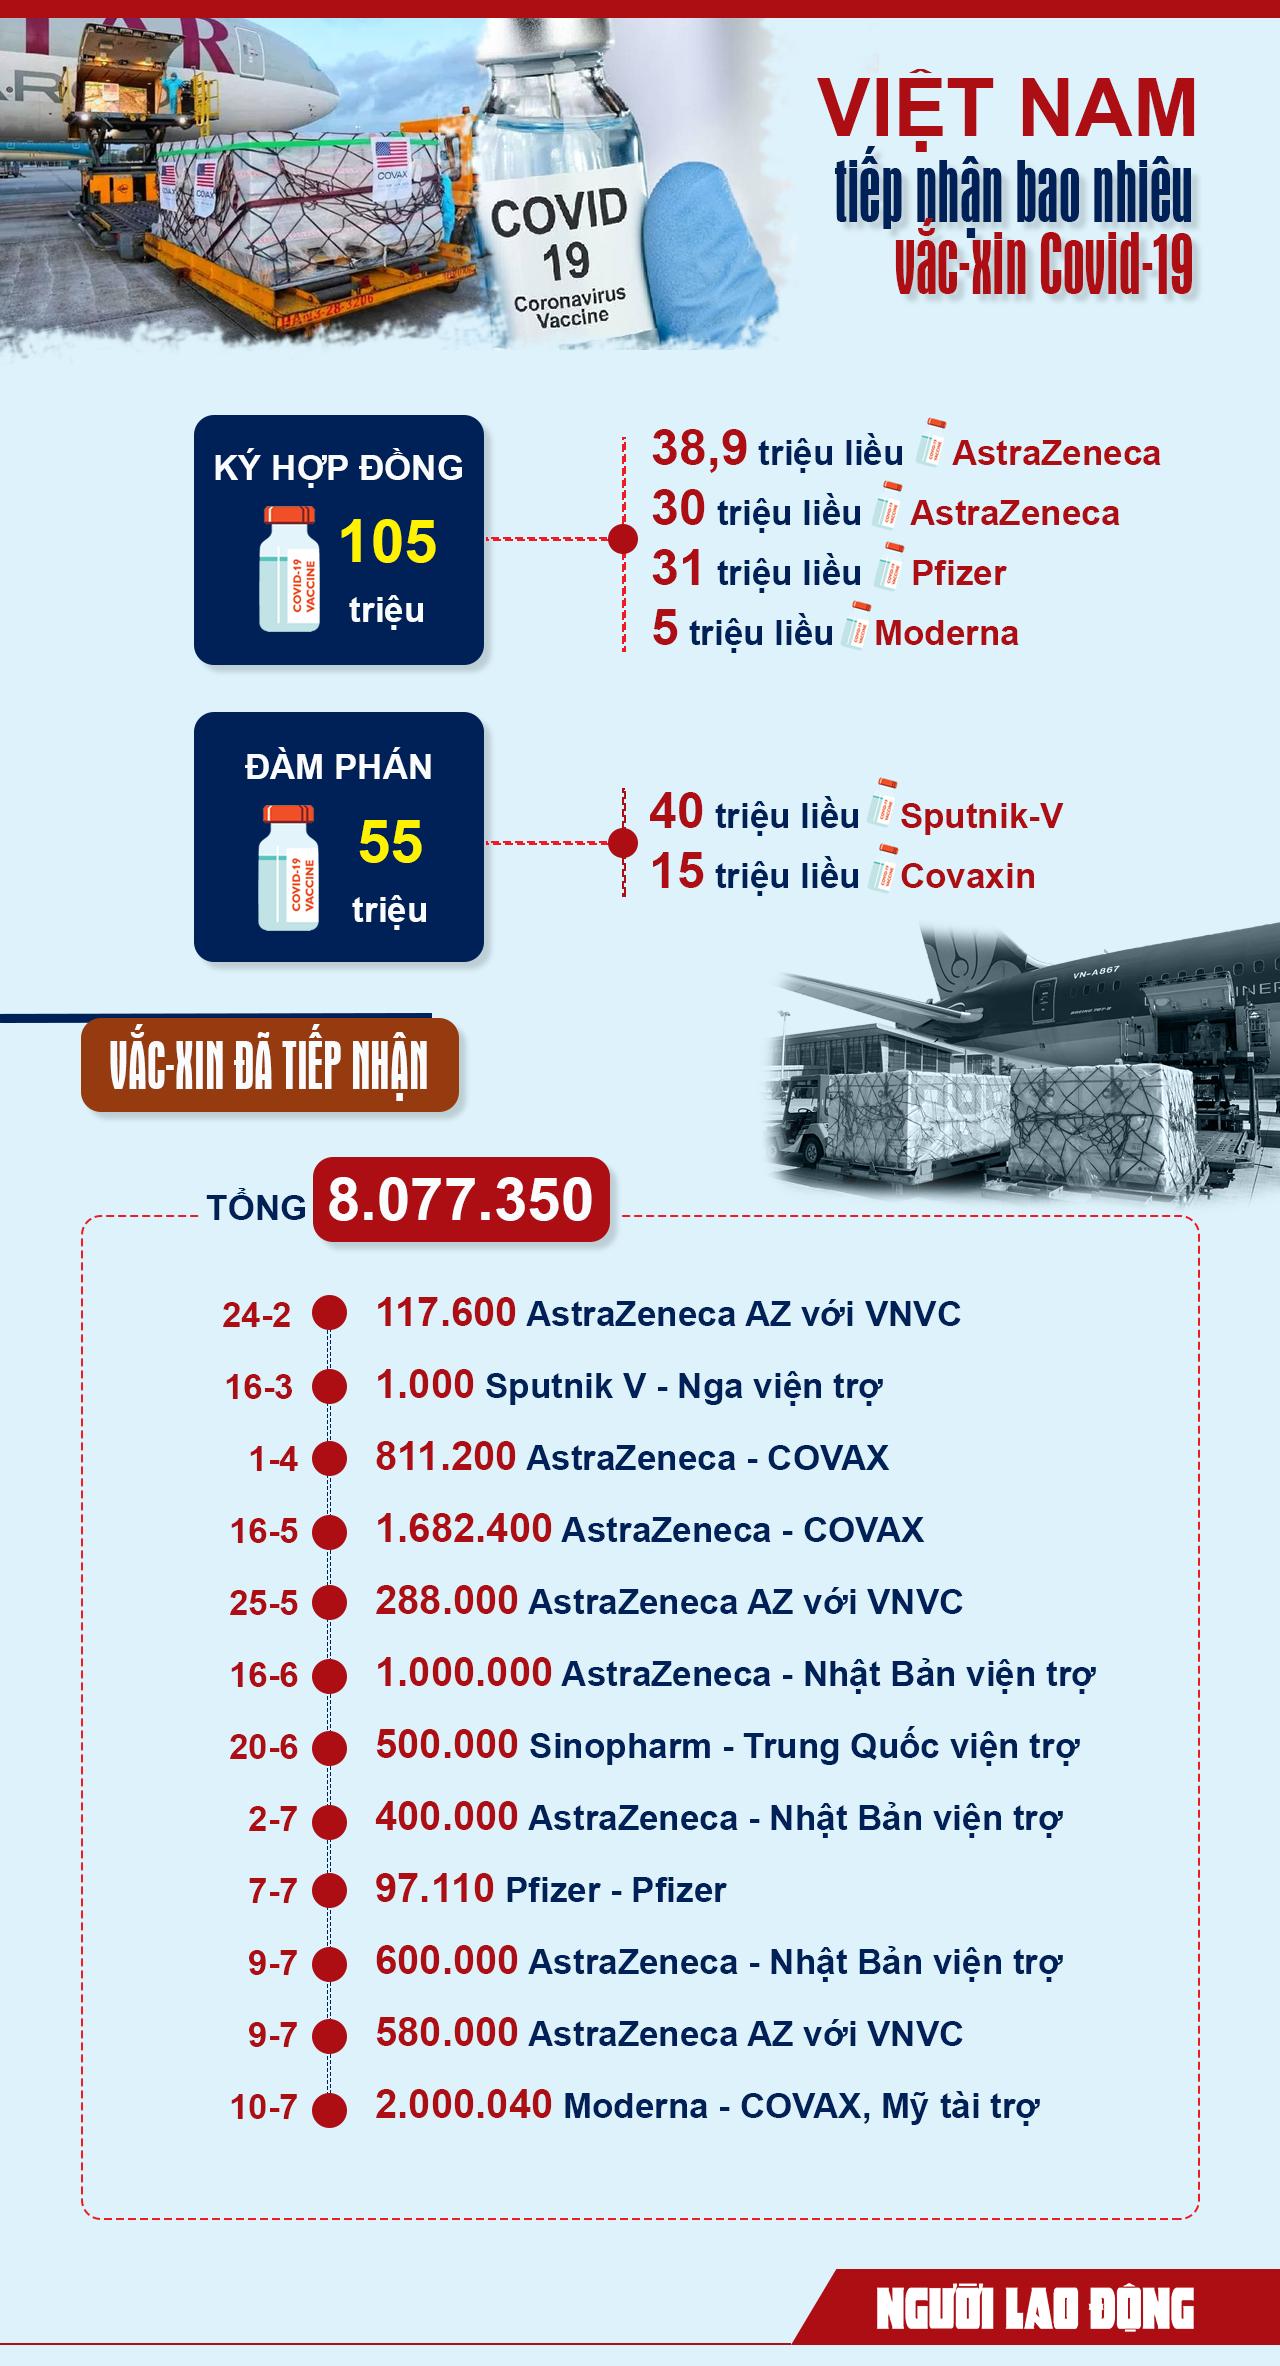 [Infographic] Việt Nam đã tiếp nhận bao nhiêu vắc-xin phòng Covid-19? - Ảnh 1.